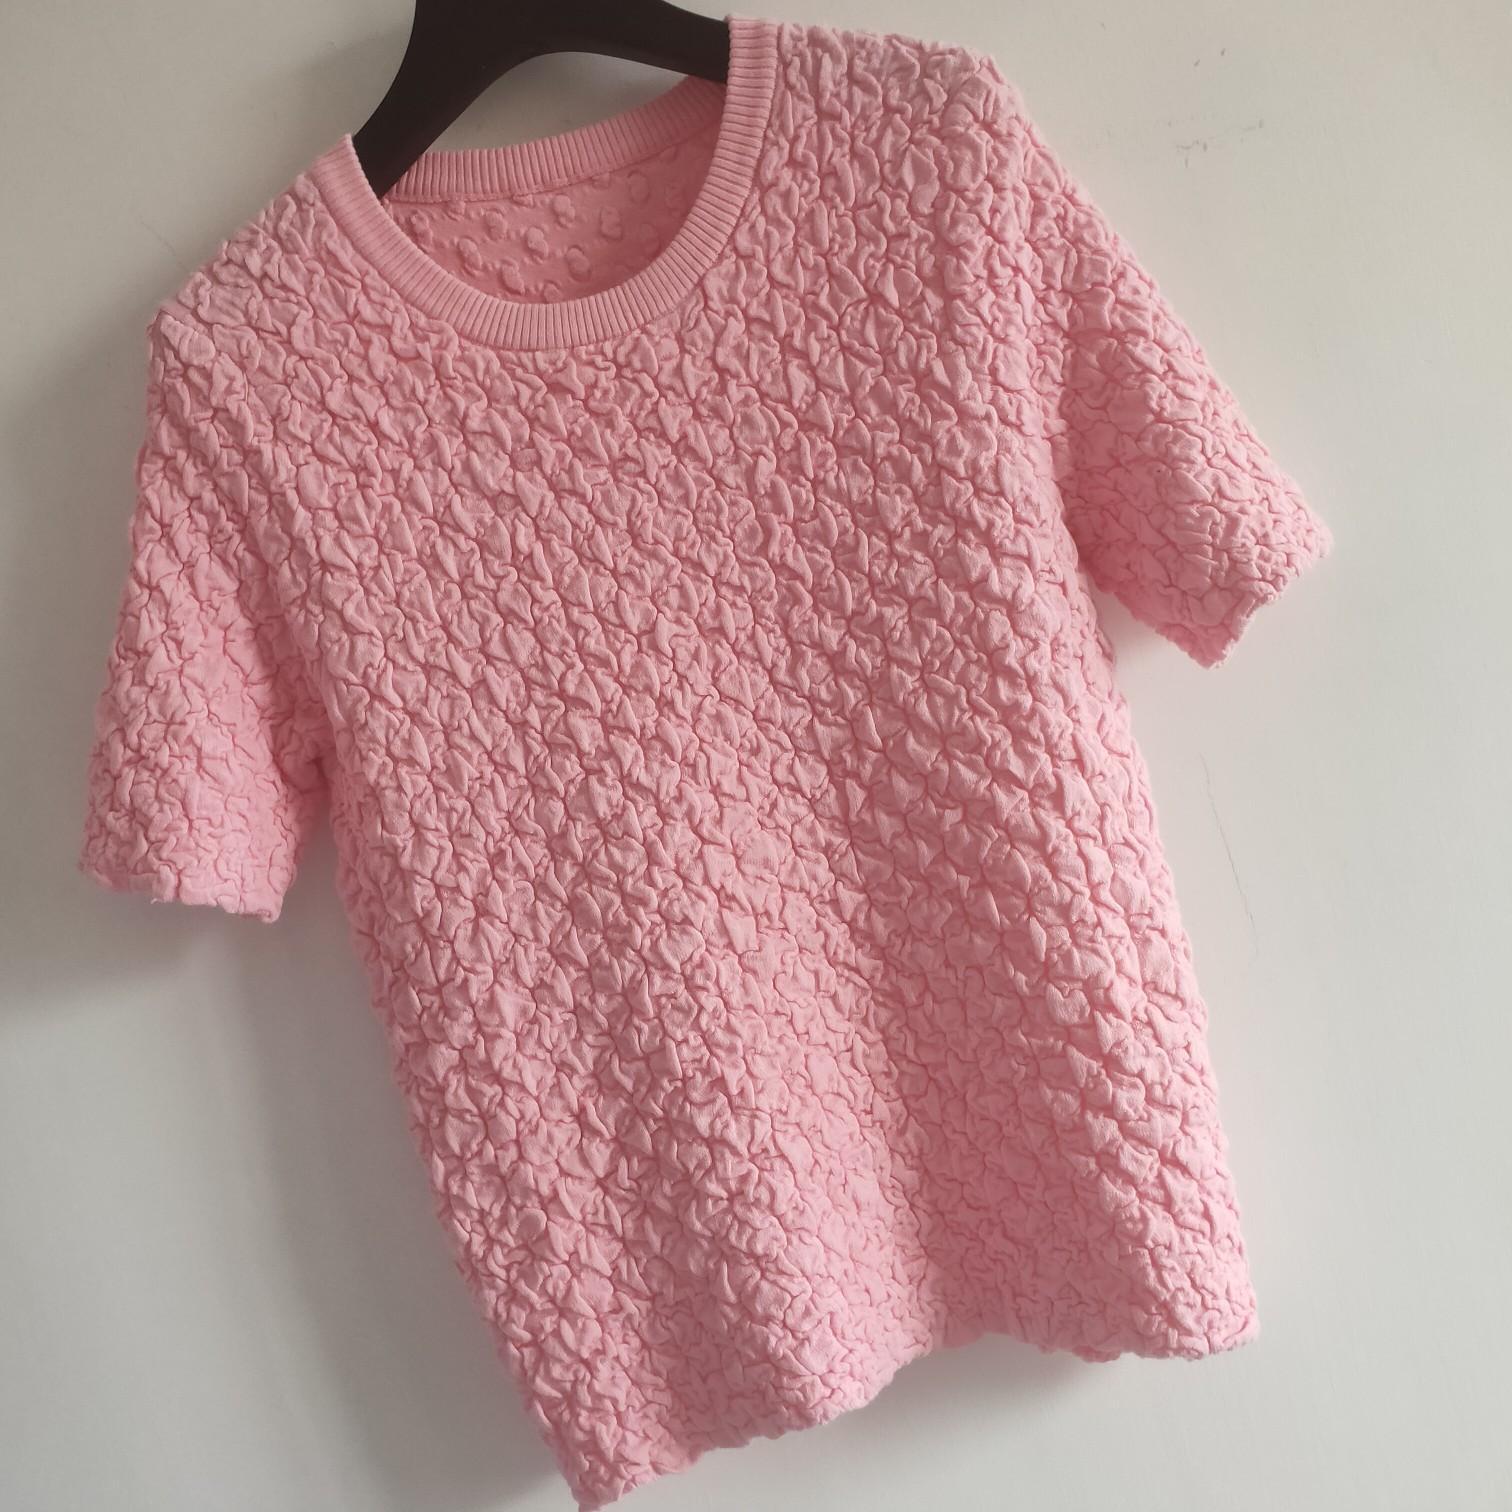 2020 Livraison gratuite Marque Shirt Designer Femmes Hommes T-shirt de mode Casual Printemps été T-shirts de luxe HighQuality fille T-shirt 202003226Y